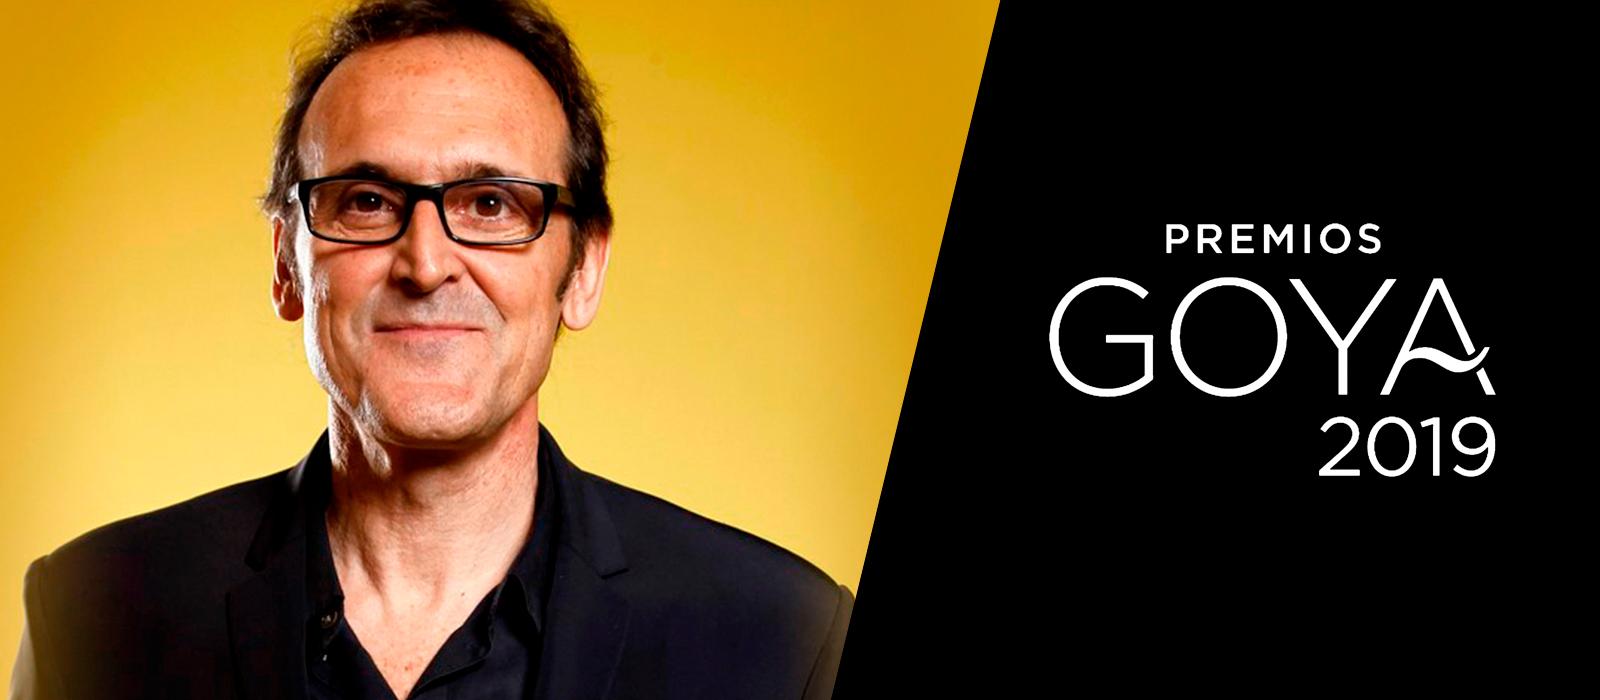 Alberto Iglesias nominado a los Premios Goya 2019 por 'Yuli'